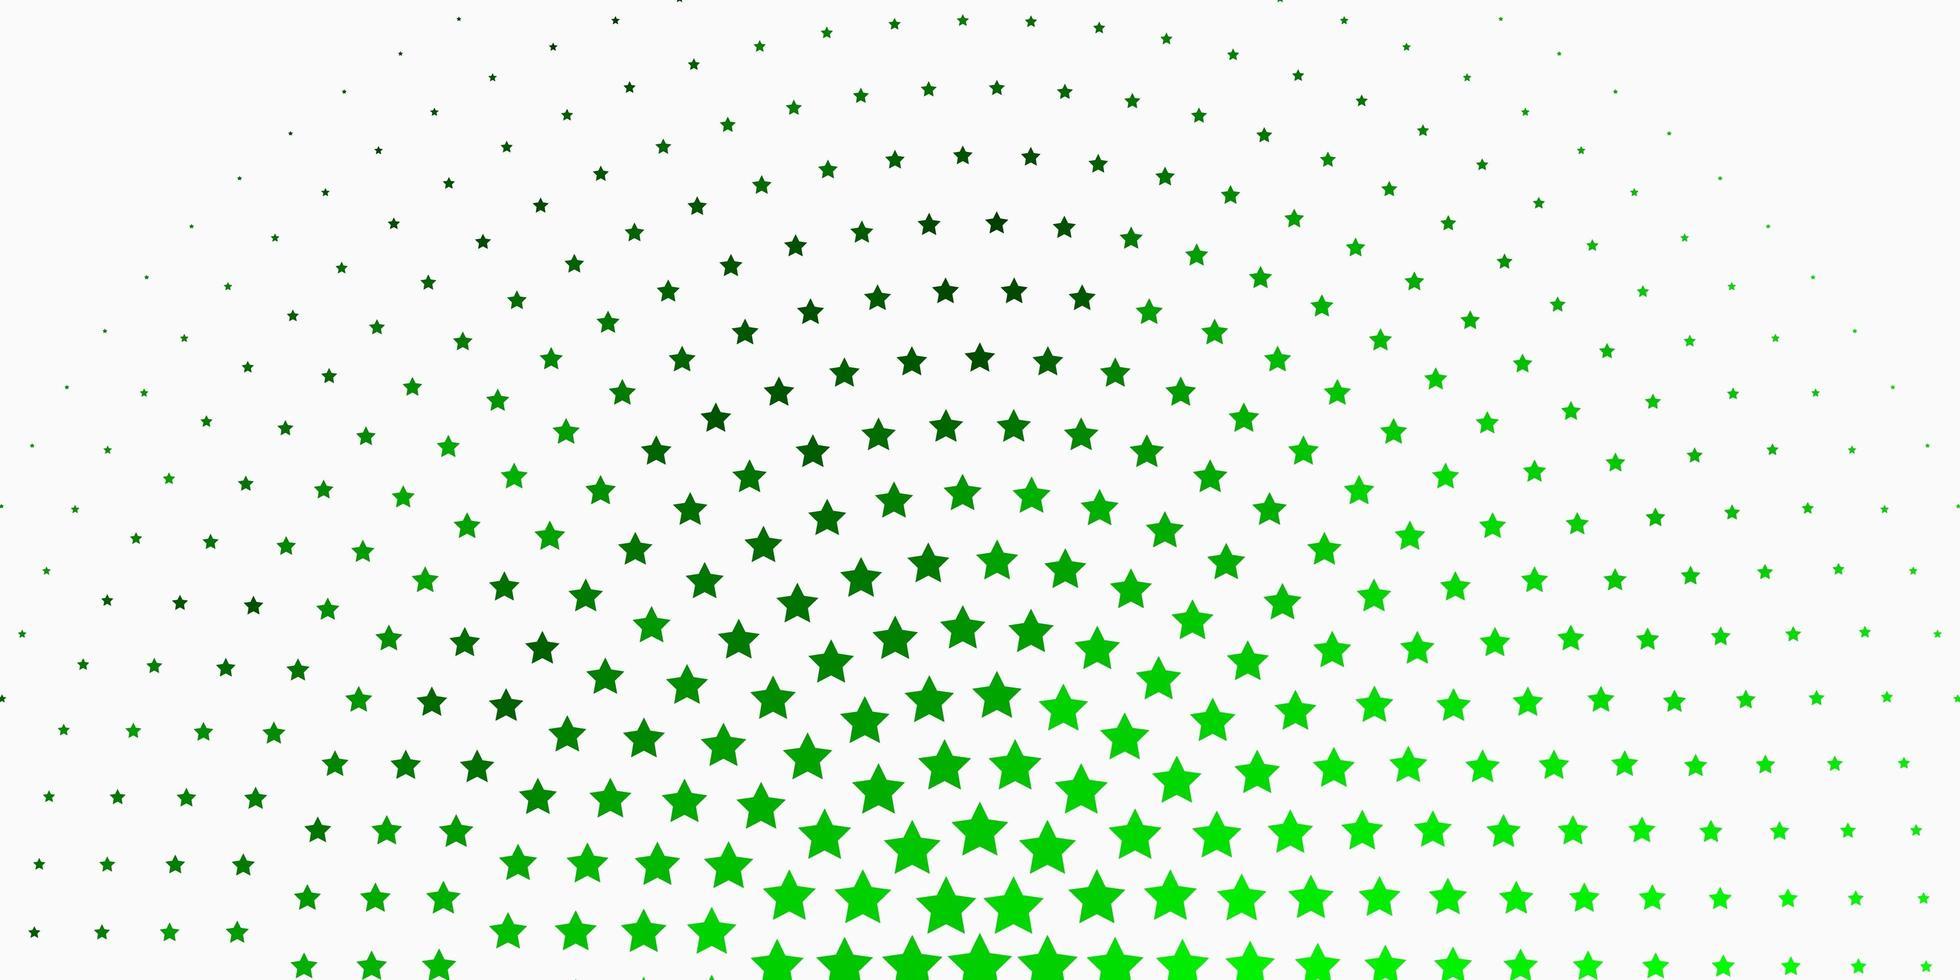 modelo de vetor verde claro com estrelas de néon.